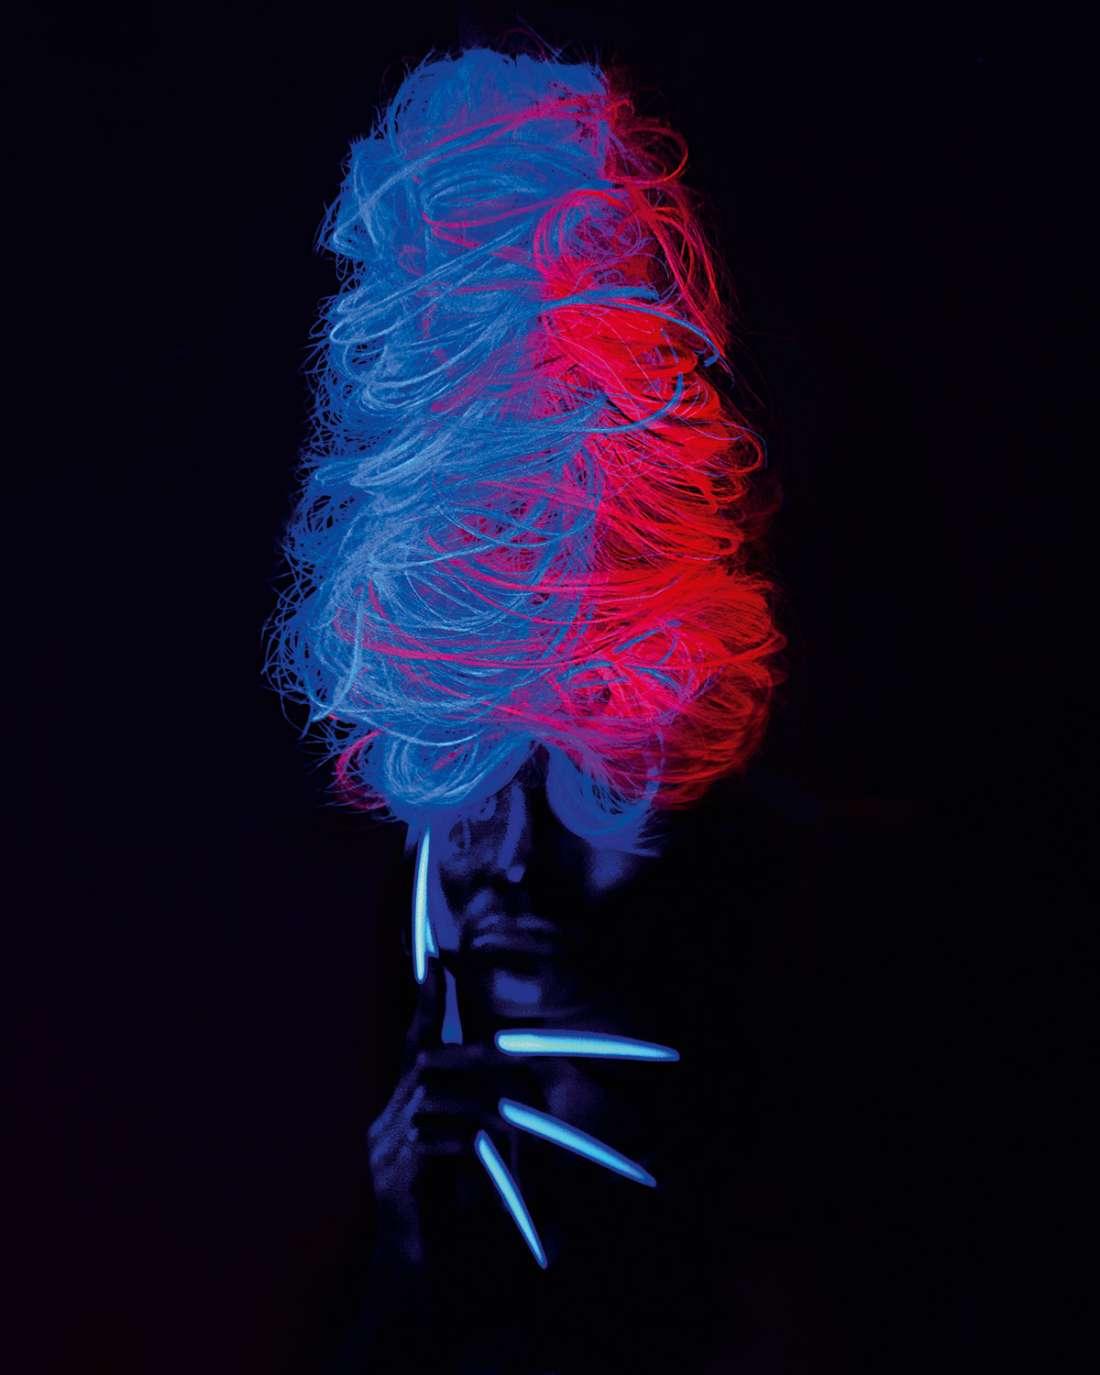 светящиеся волосы: фото 36